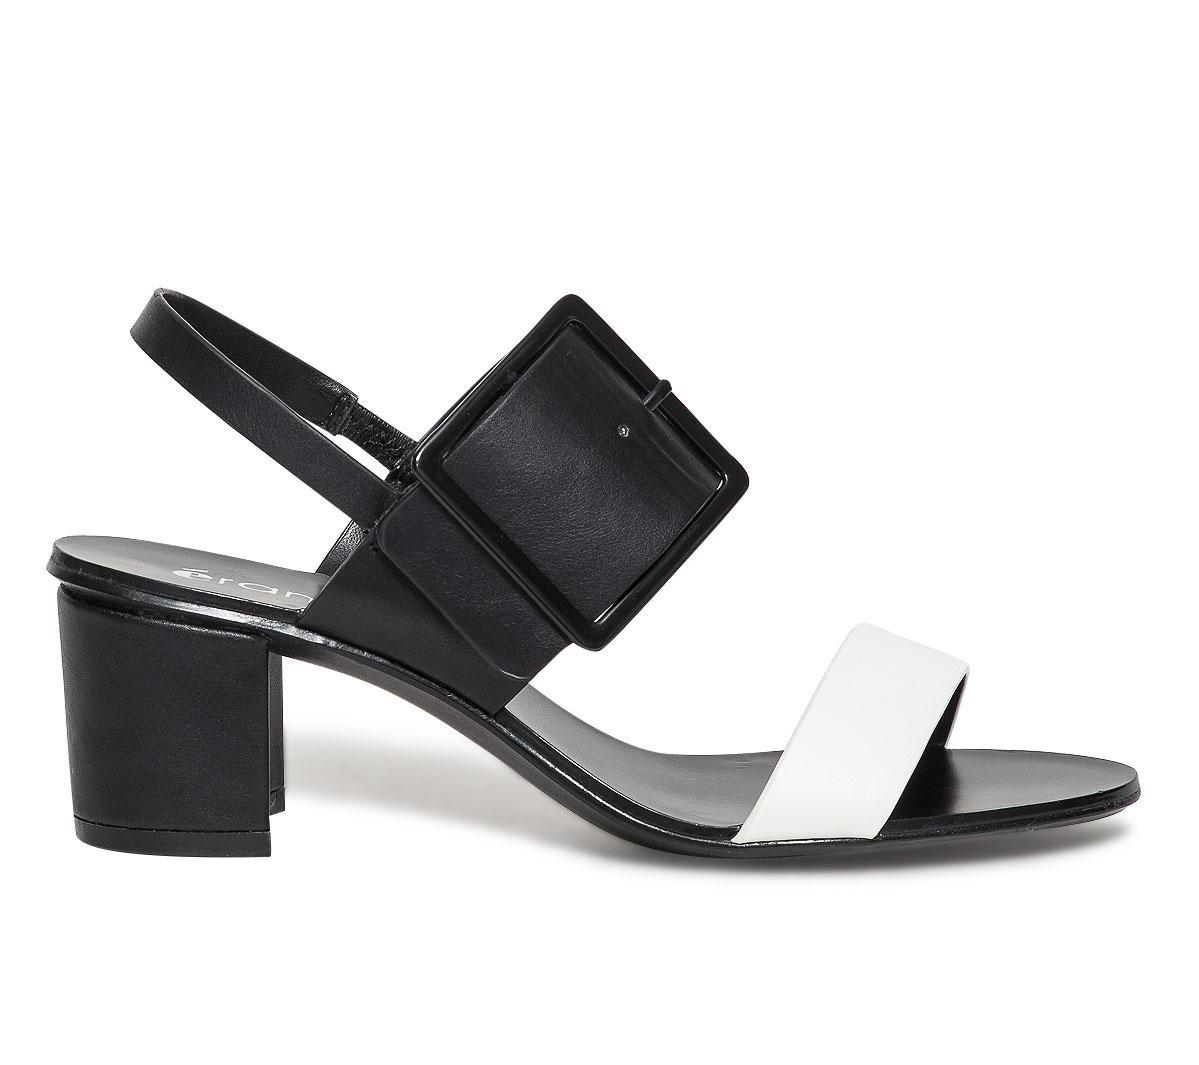 Large Avec Noire Eram Boucle Sandale L3ARq45j